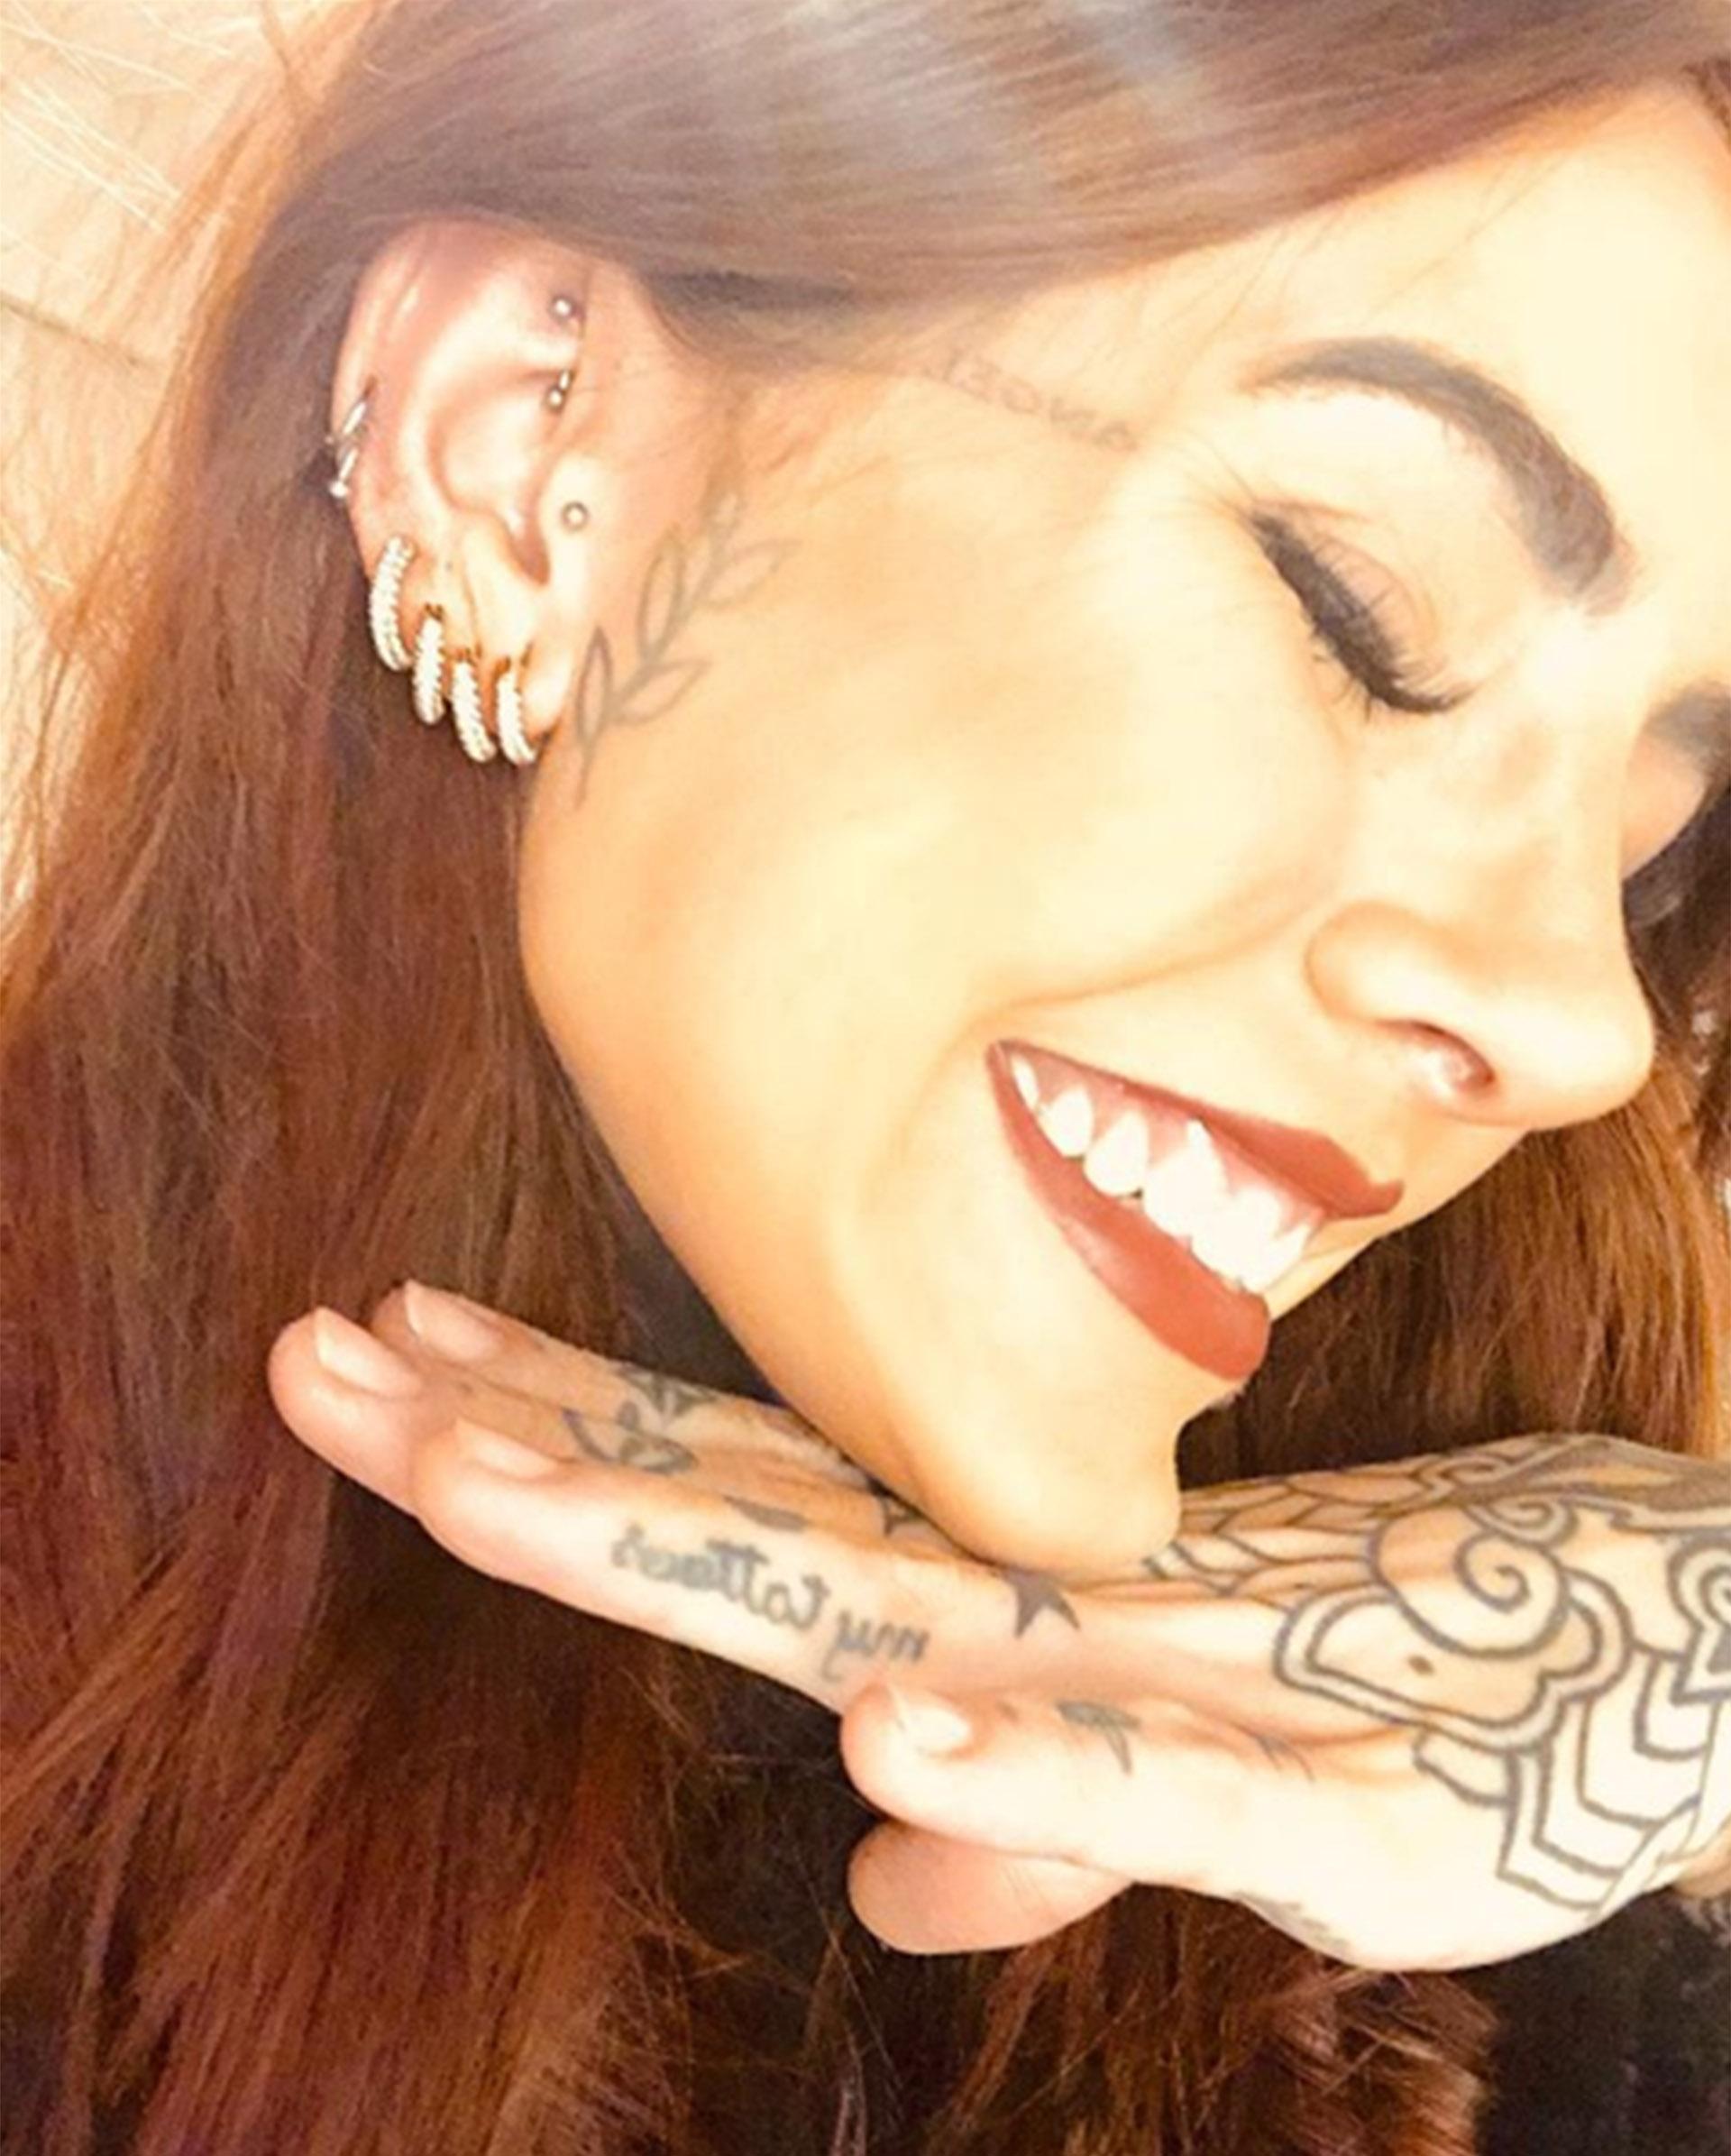 """La selfie de Cande Tinelli, con sus alhajas de Swarovski. En estos días dejó un mensaje conmovedor en las redes sociales por la lucha contra los trastornos alimenticios. """"Estoy para lo que necesiten, siempre"""", les dijo a sus seguidores (Foto: Instagram)"""